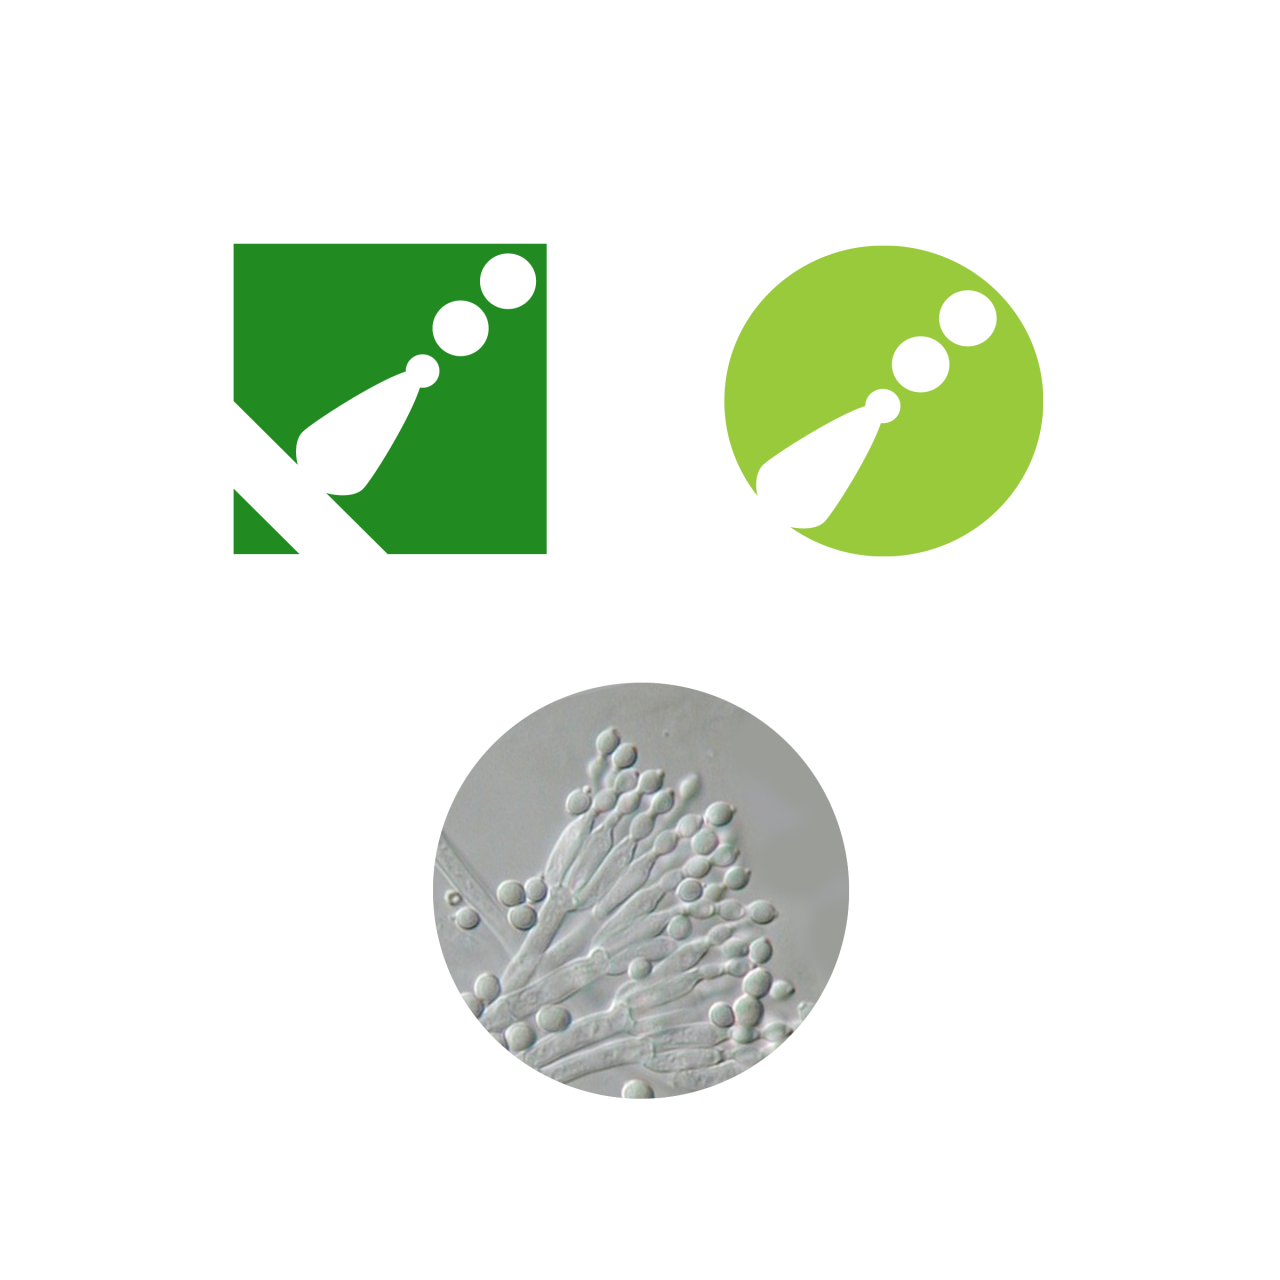 Image of Sporometrics logo icons. Top-left: old icon. Top Right: New Icon. Bottom: Microscope photograph of <em>Penicillium, Penicillium Spores Conidiophores</em>